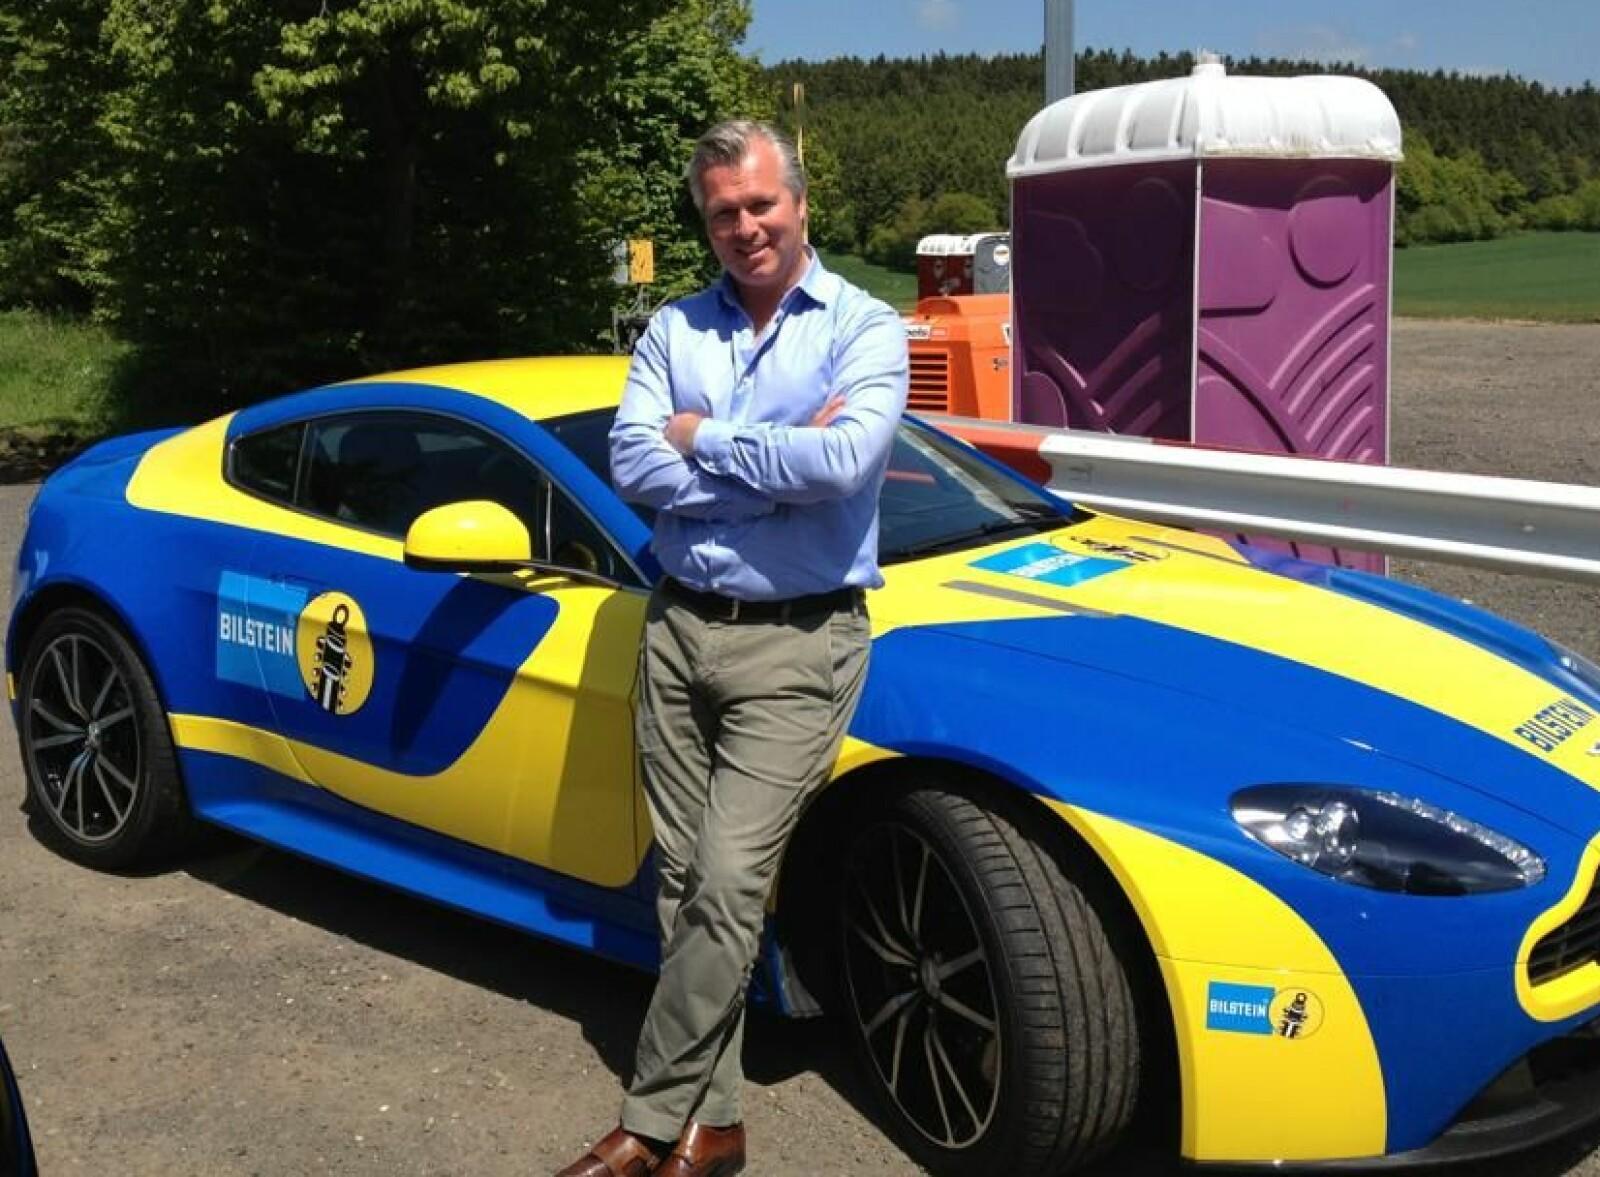 <b>HELT BOND: </b>– Kundene våre kjøper neppe Aston Martin for å leke at de er James Bond, ler Thomas Øvreseth.